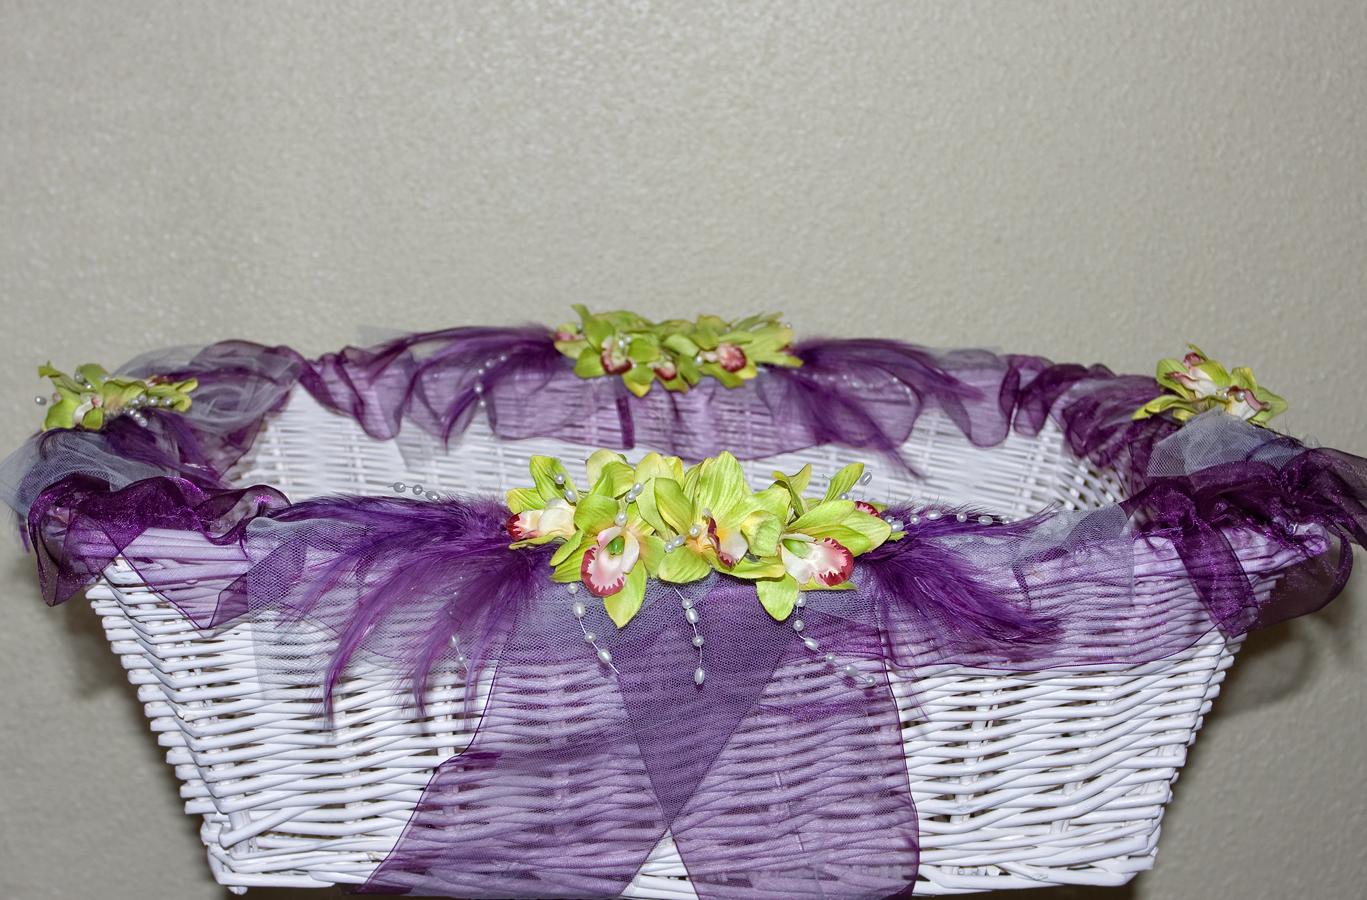 Como decorar cestas de mimbre para bodas imagui new - Decoracion mimbre ...